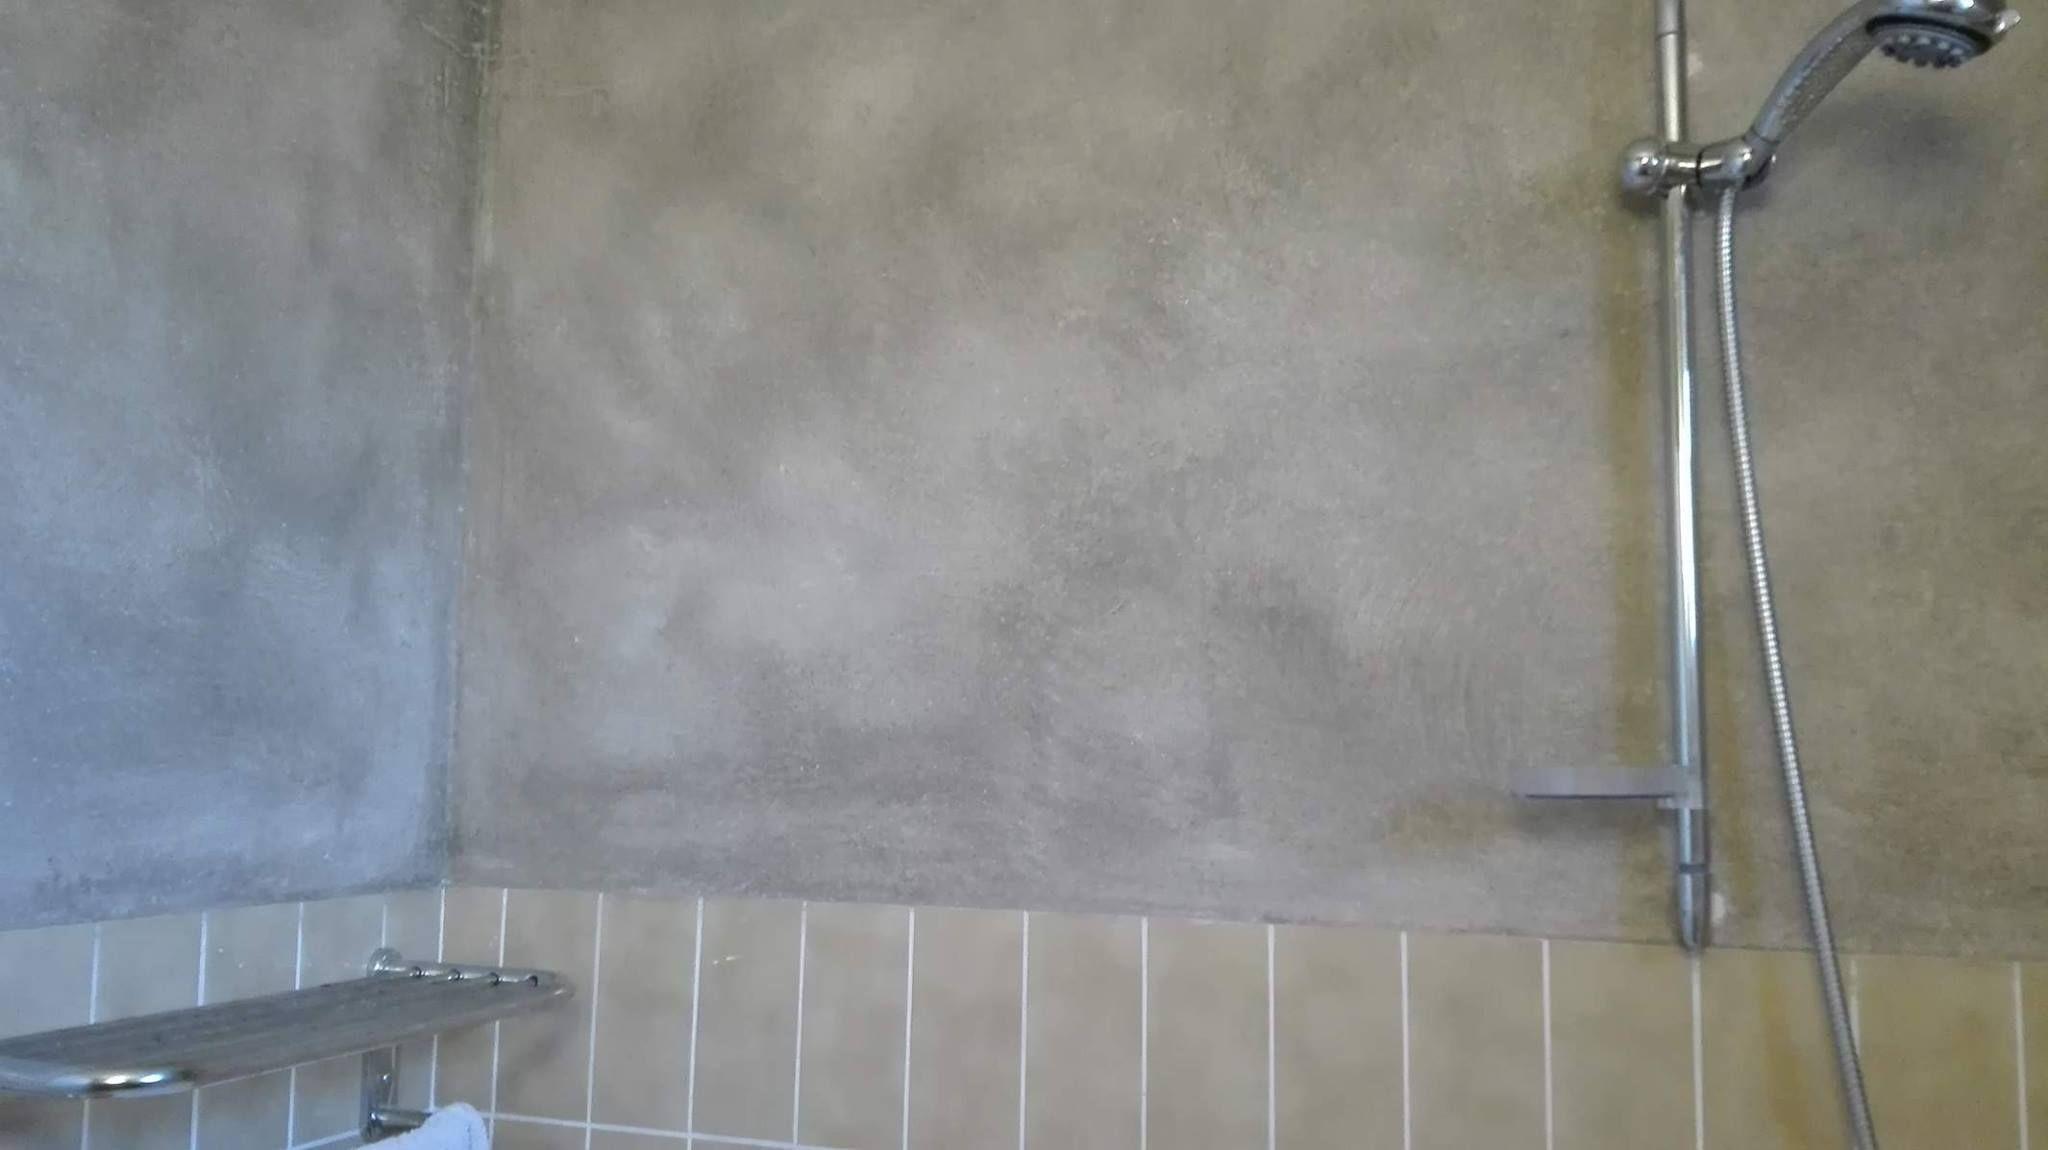 Betonlook Verf Badkamer : Betonlook verf badkamer affordable badkamer grijs betonnen douche